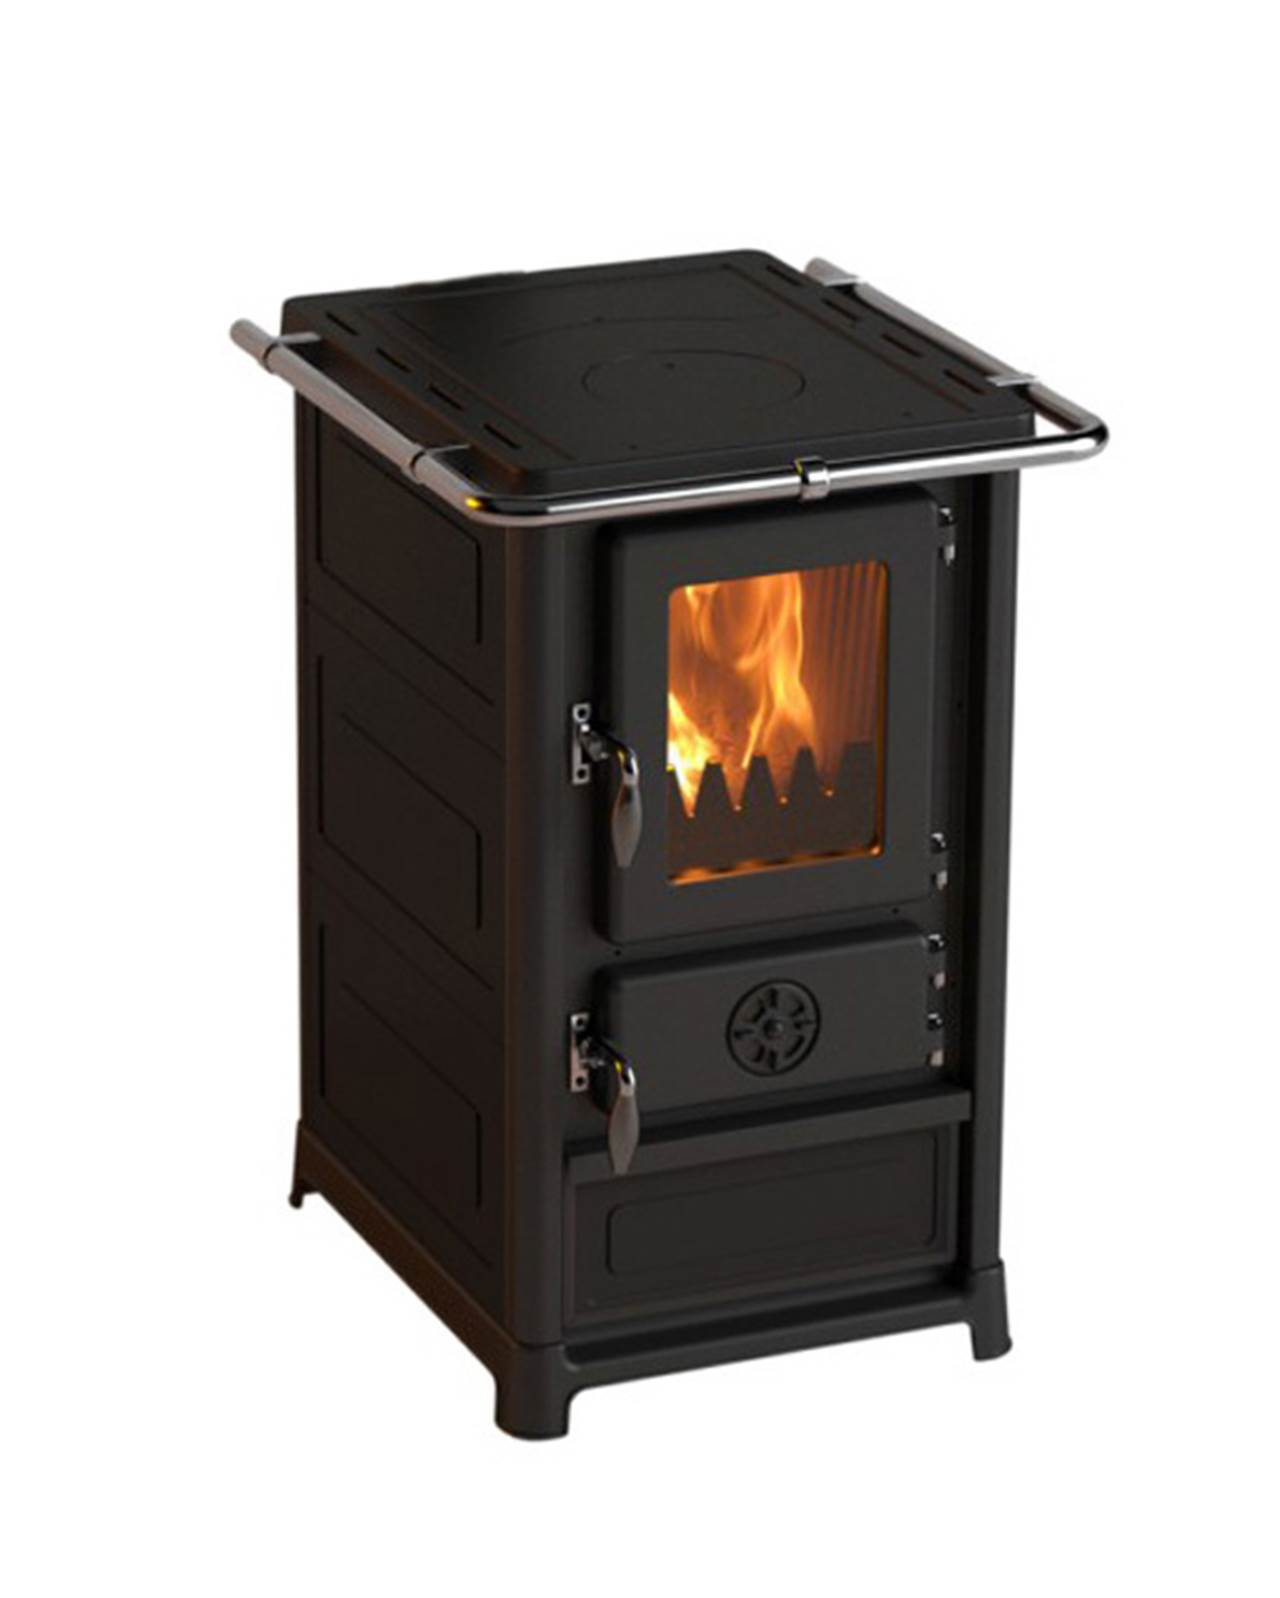 Olymp kjøkkenkomfyr, svart stål